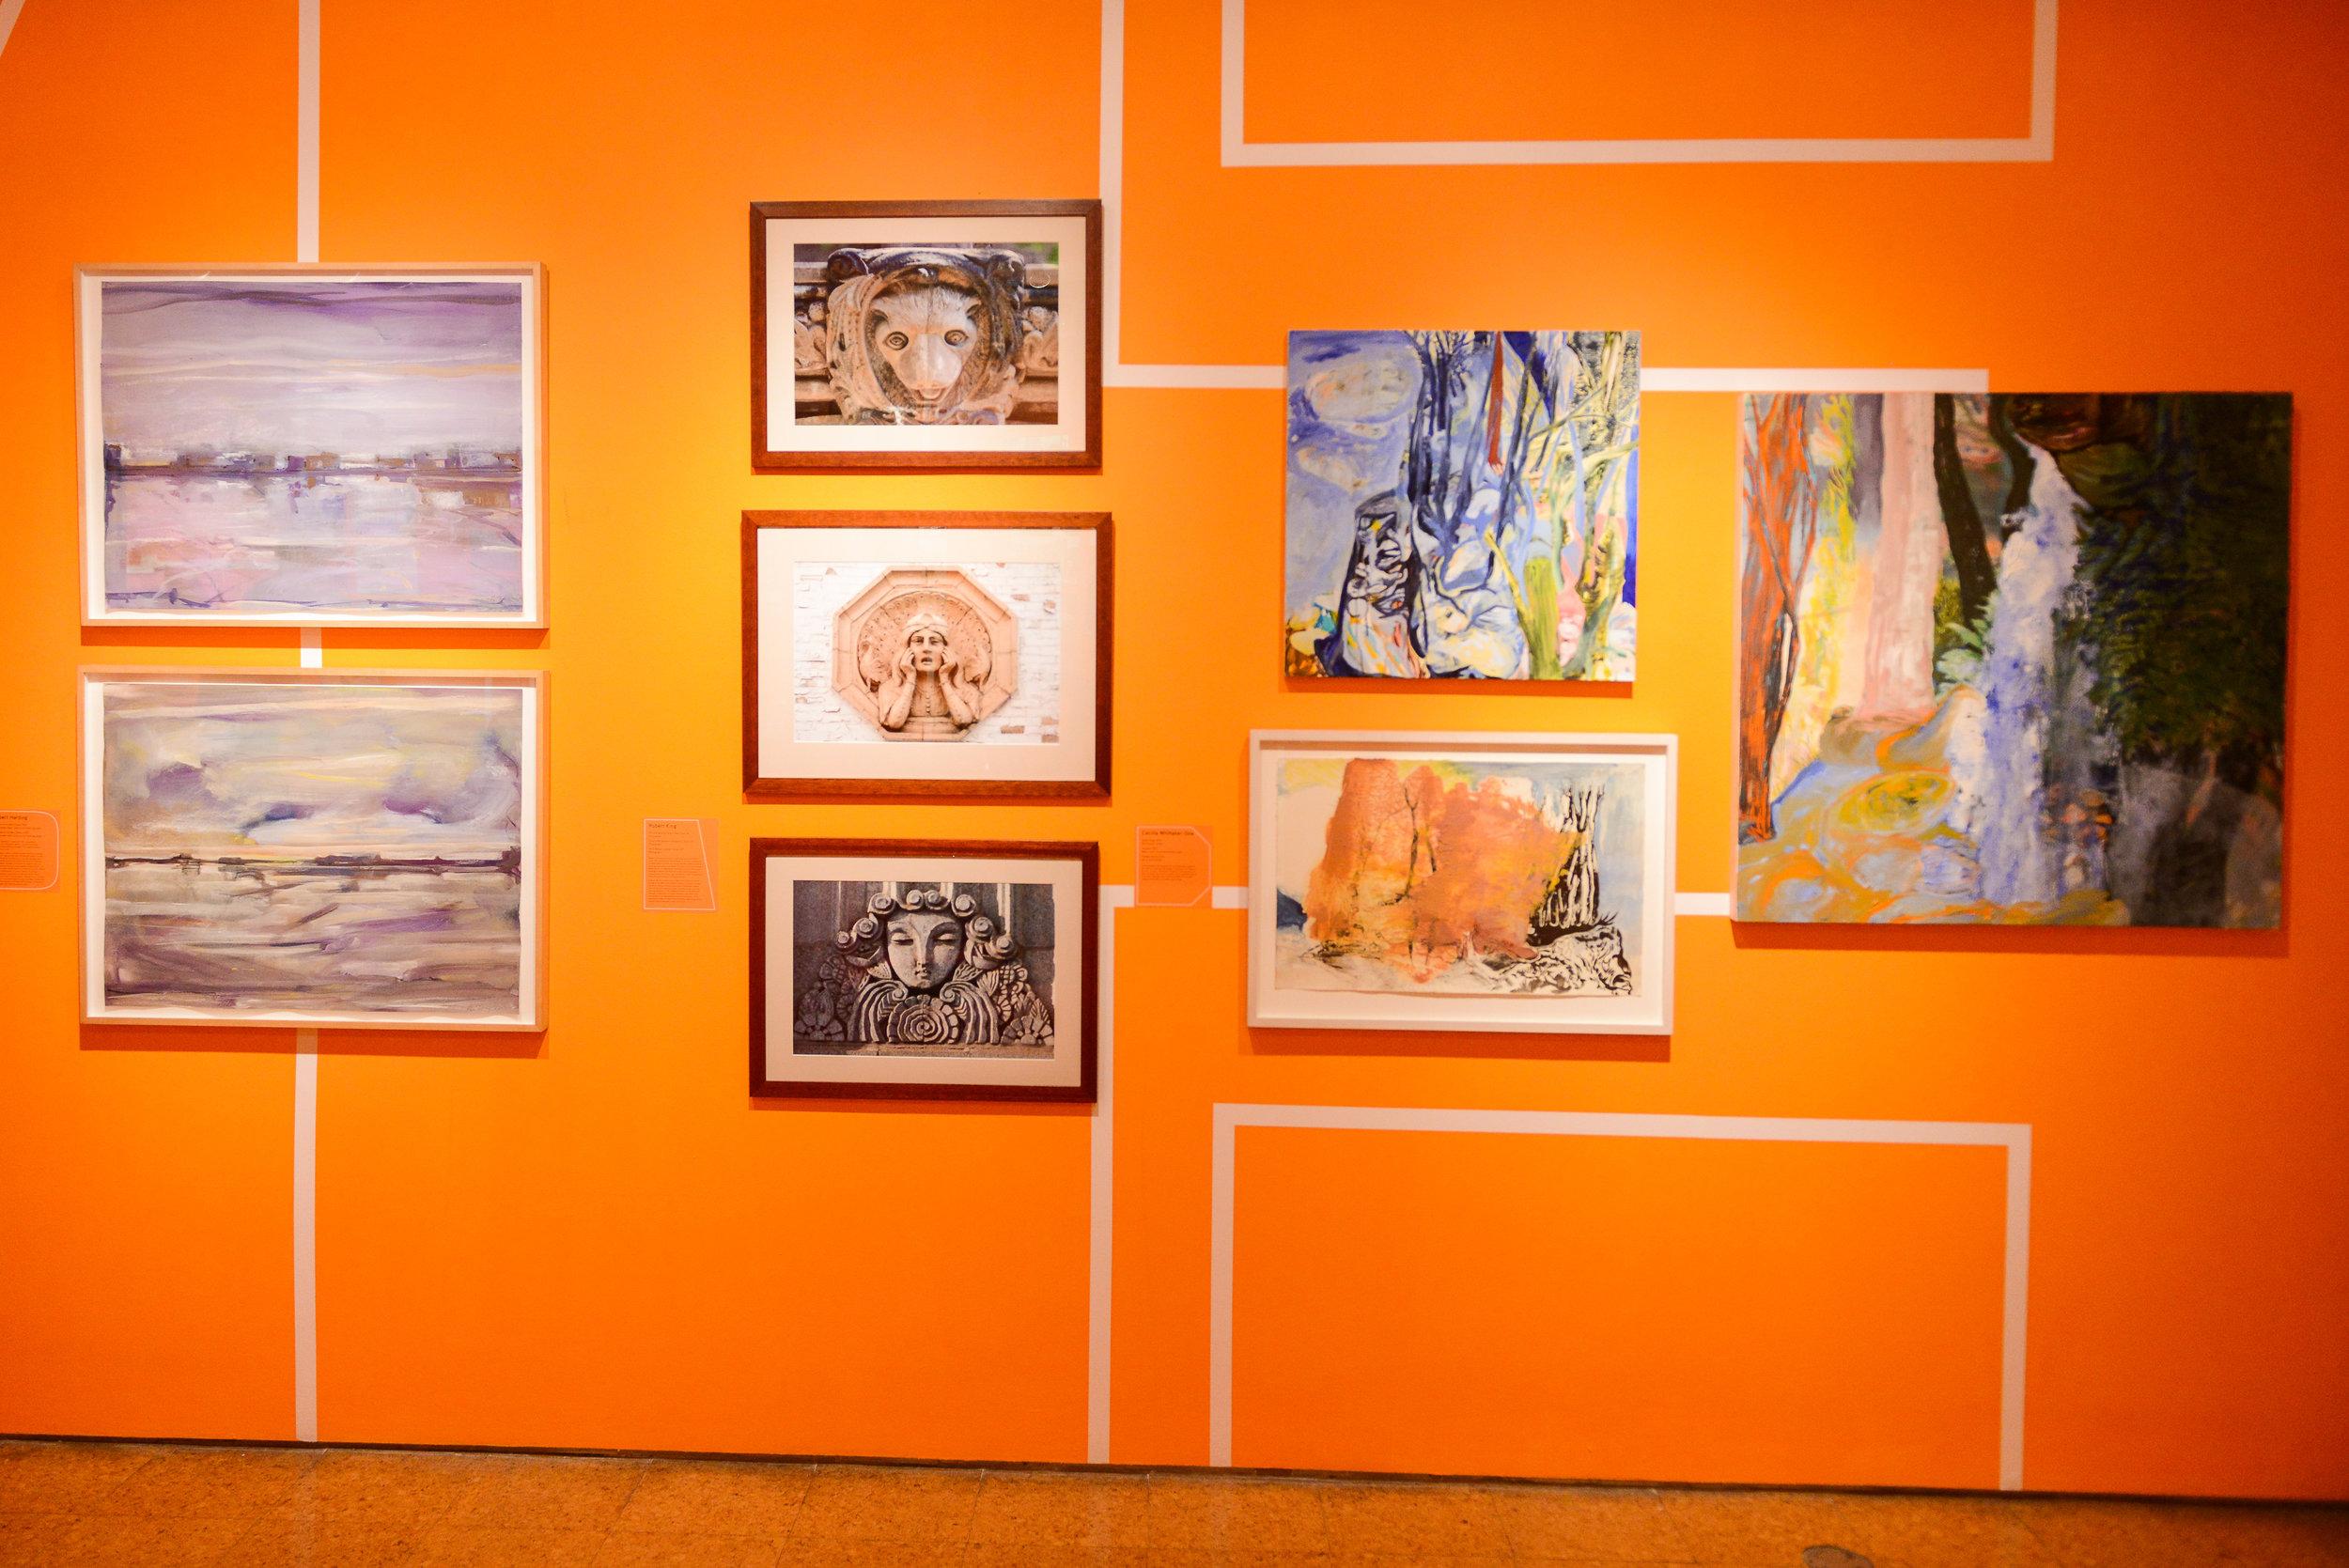 creative-scholarship-a-nysid-faculty-exhibition_36804089284_o[1].jpg